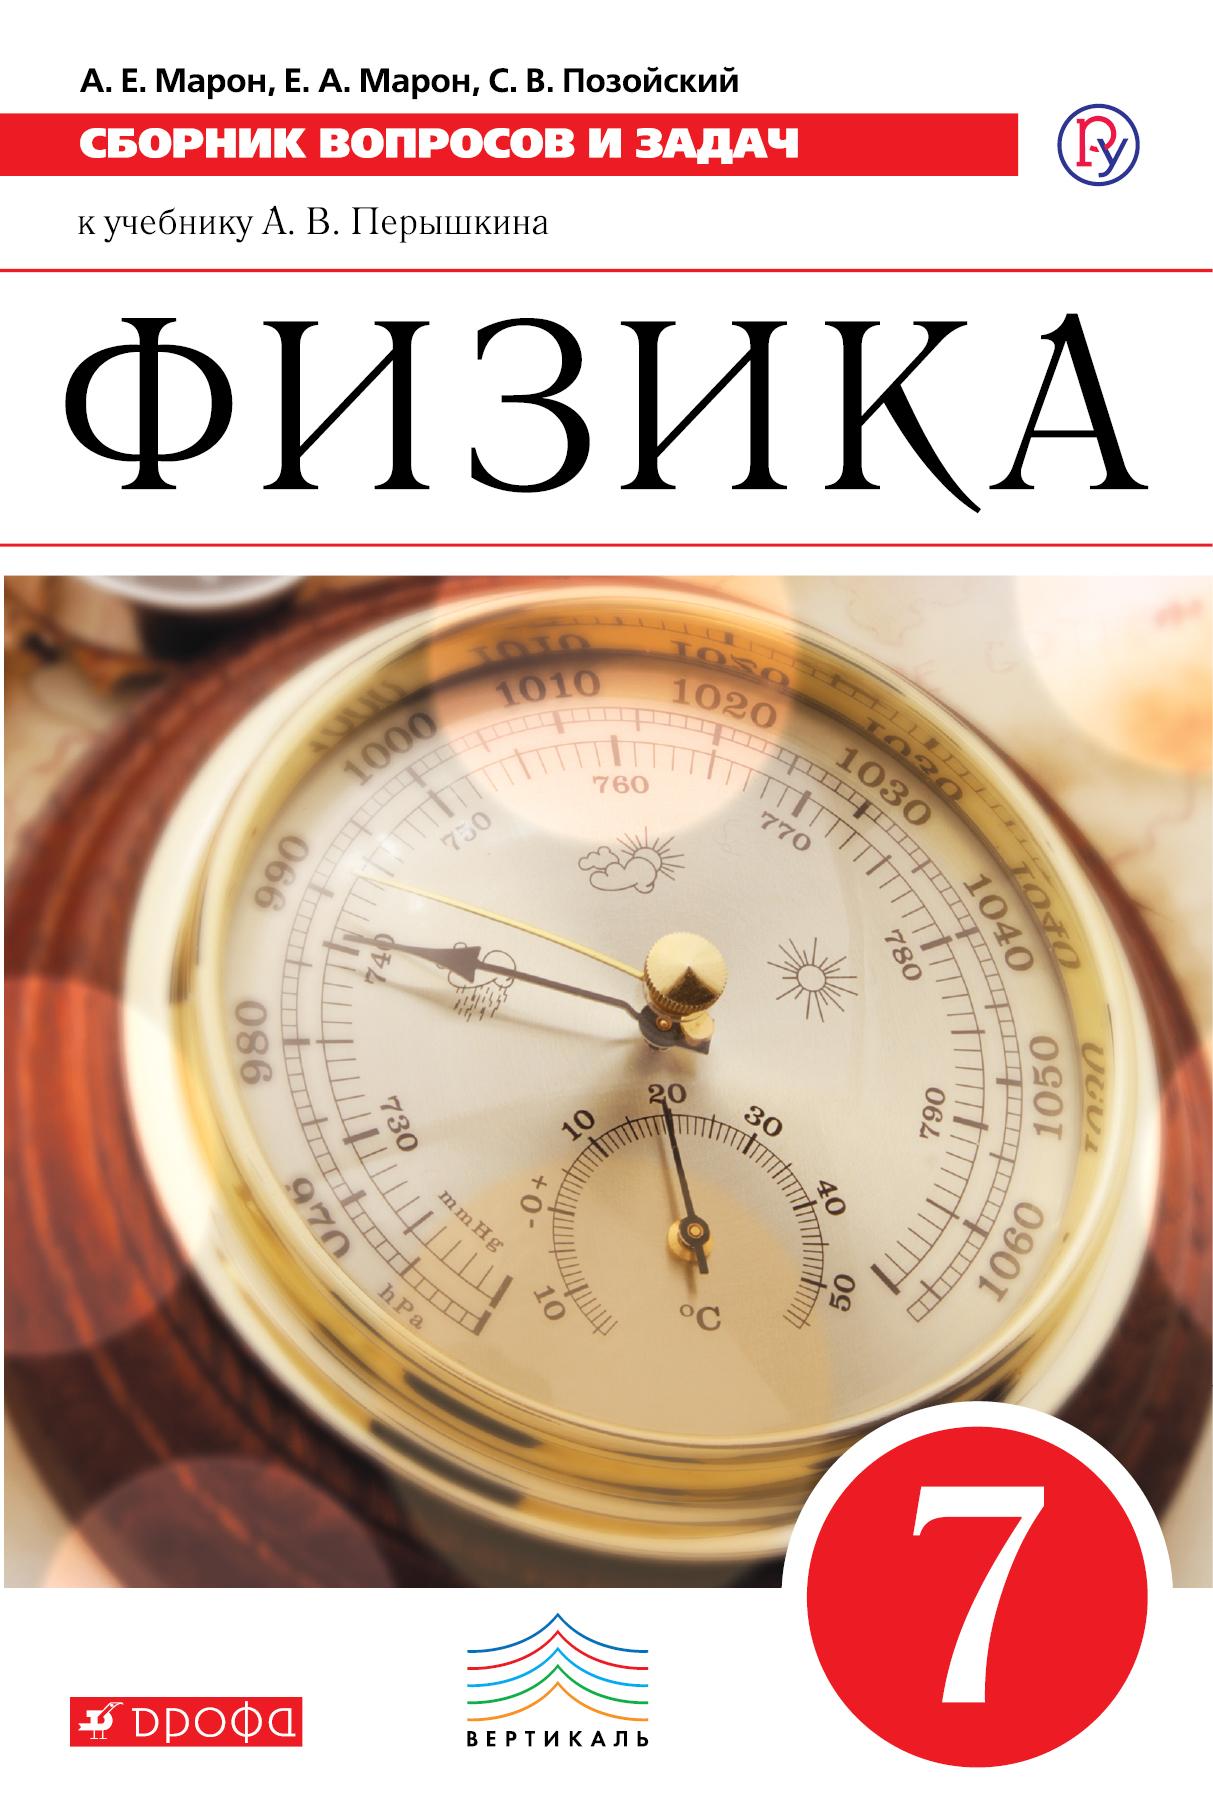 Физика. Сборник вопросов и задач. 7 класс ( Марон А.Е., Марон Е.А., Позойский С.В.  )